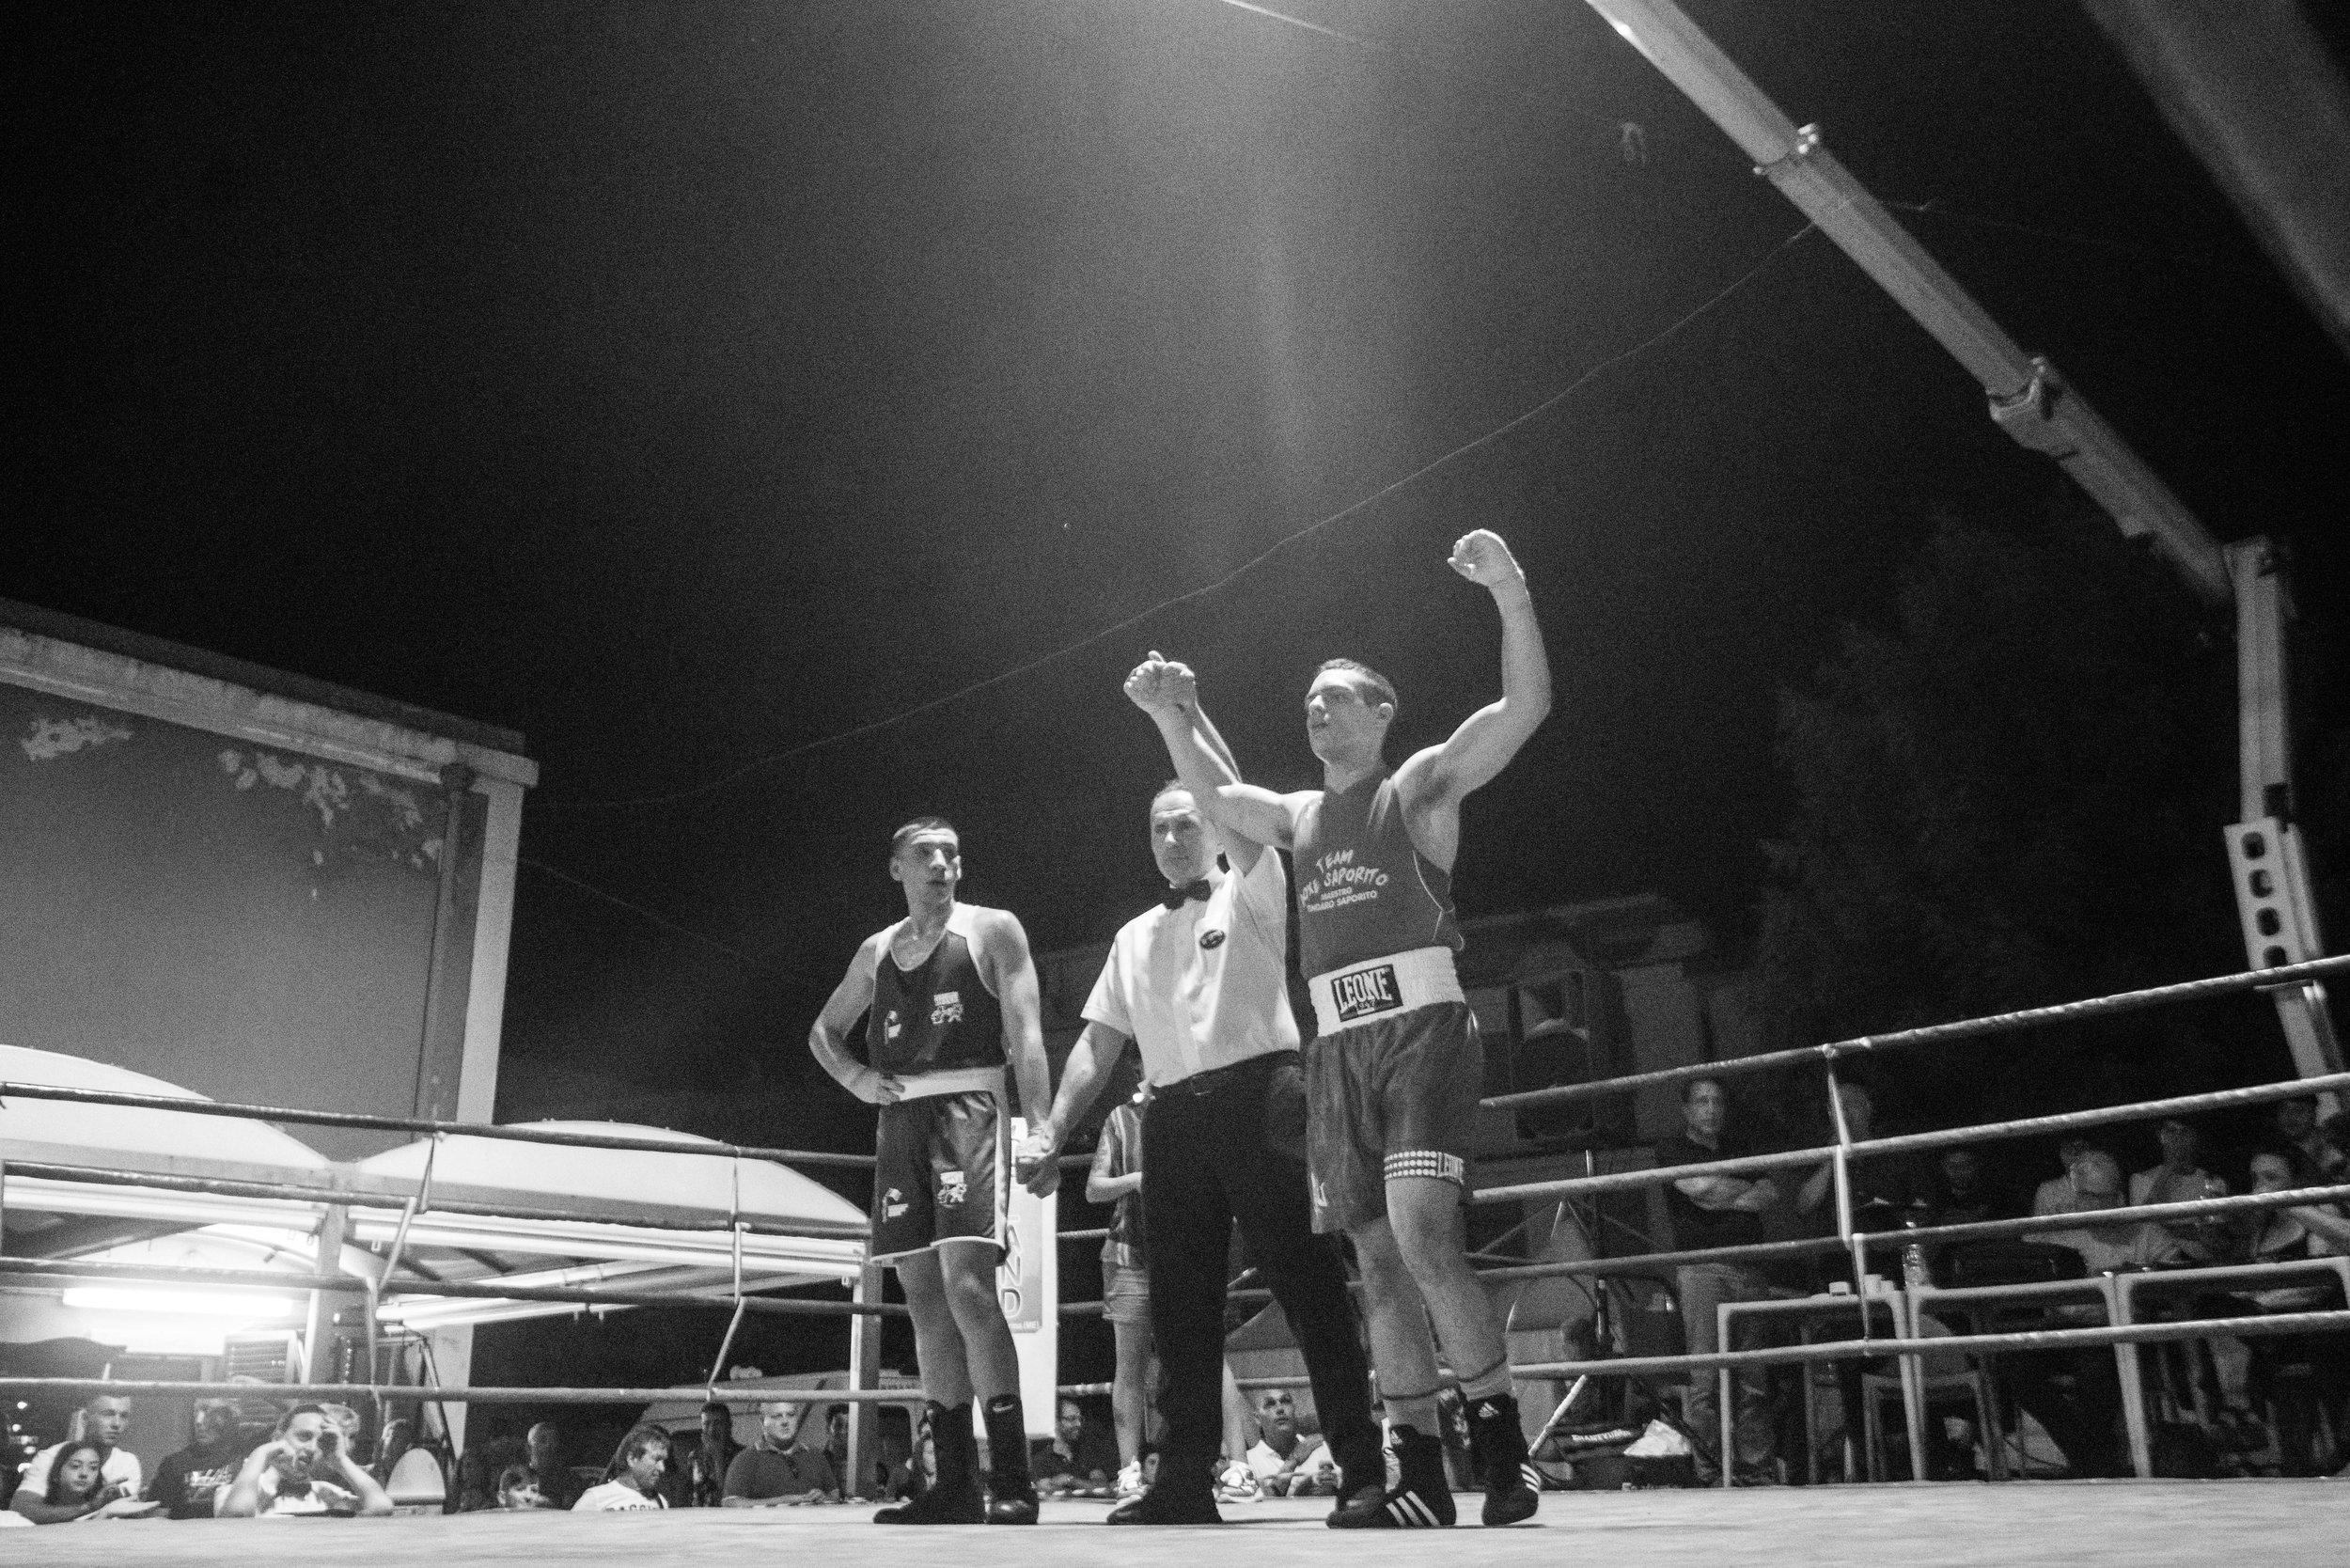 boxe saporito interregionali giugno 2019-26.jpg